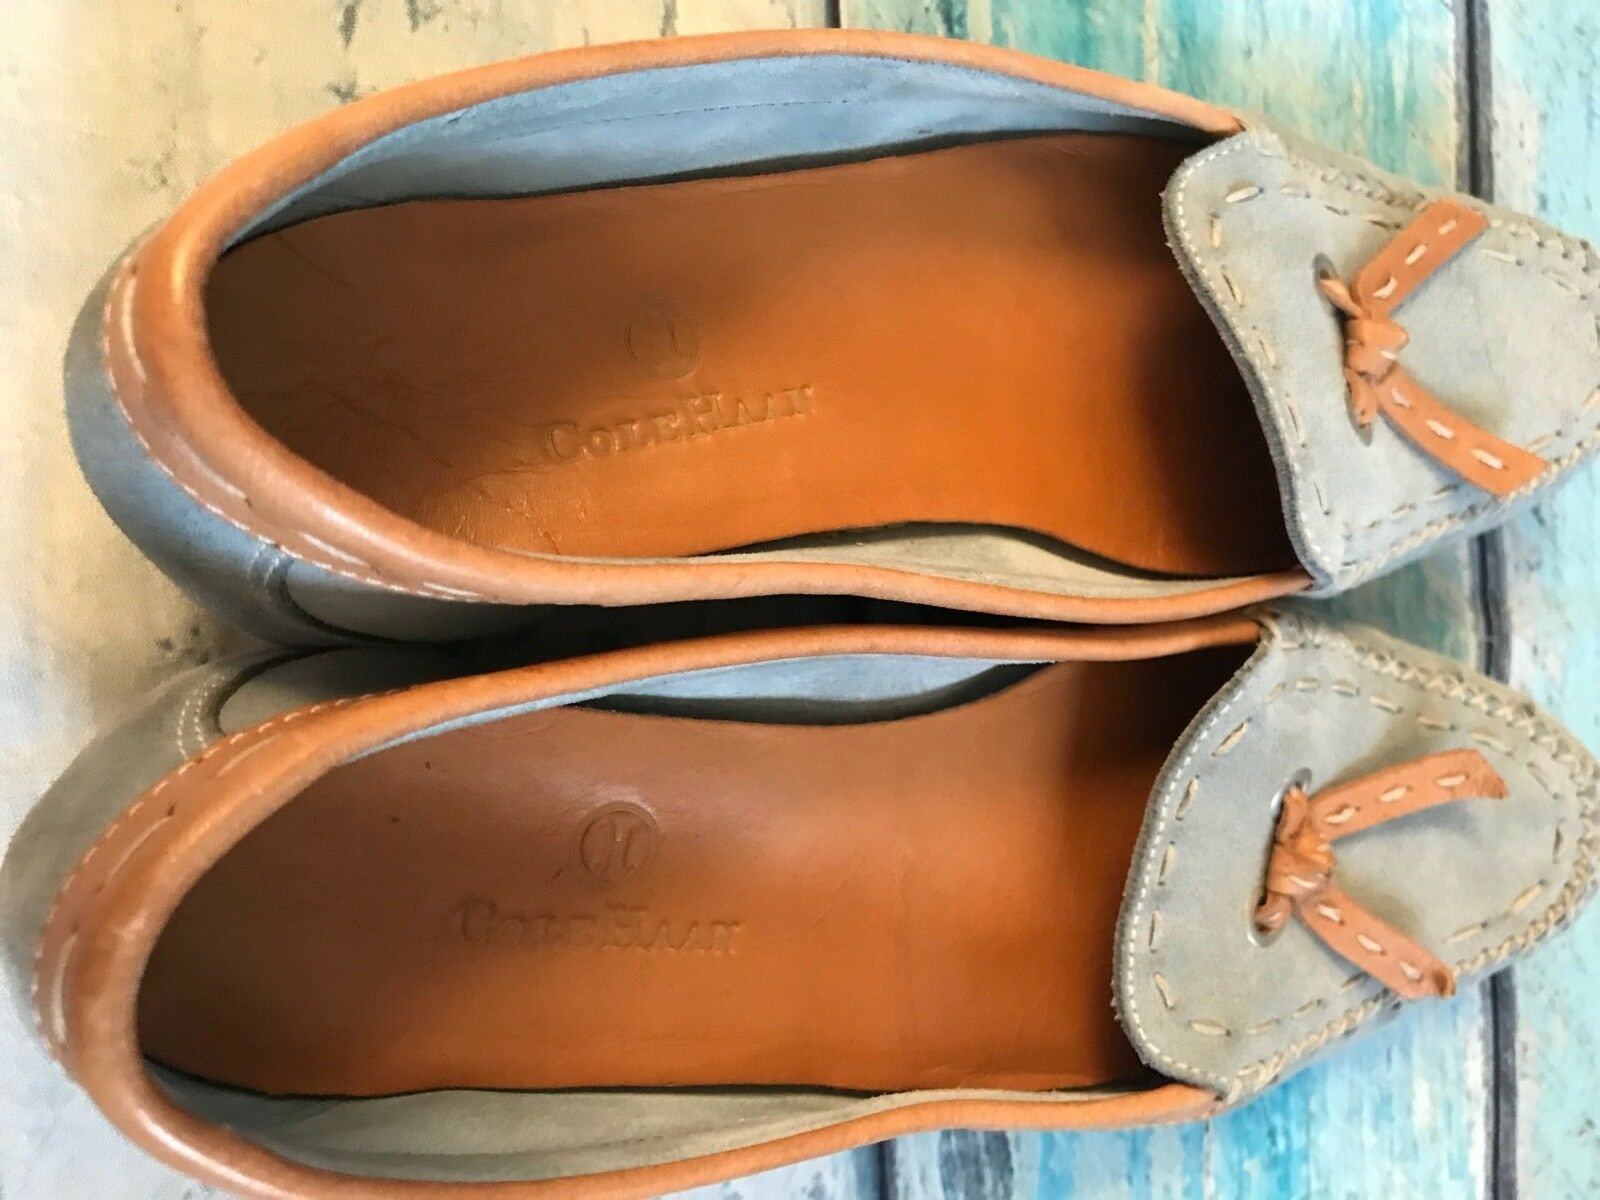 Cole Para Haan 6 B Para Cole Mujer Zapatos Mocasines Cuero Gamuza Azul Mocassins c27561